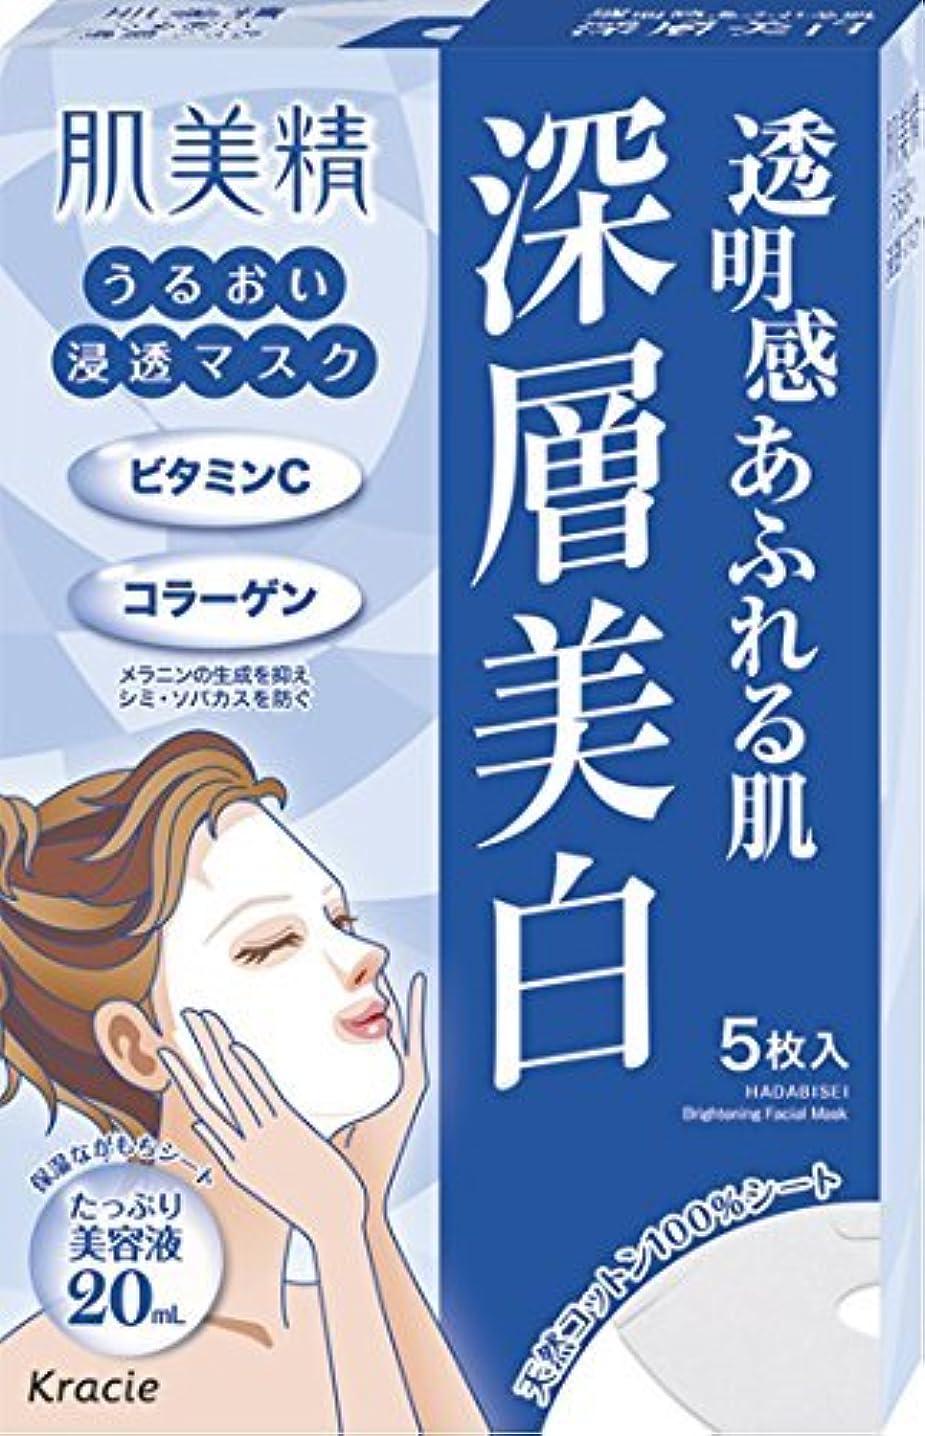 苛性志す残高【22個セット】肌美精 うるおい浸透マスク (深層美白) 5枚 [医薬部外品]×22個